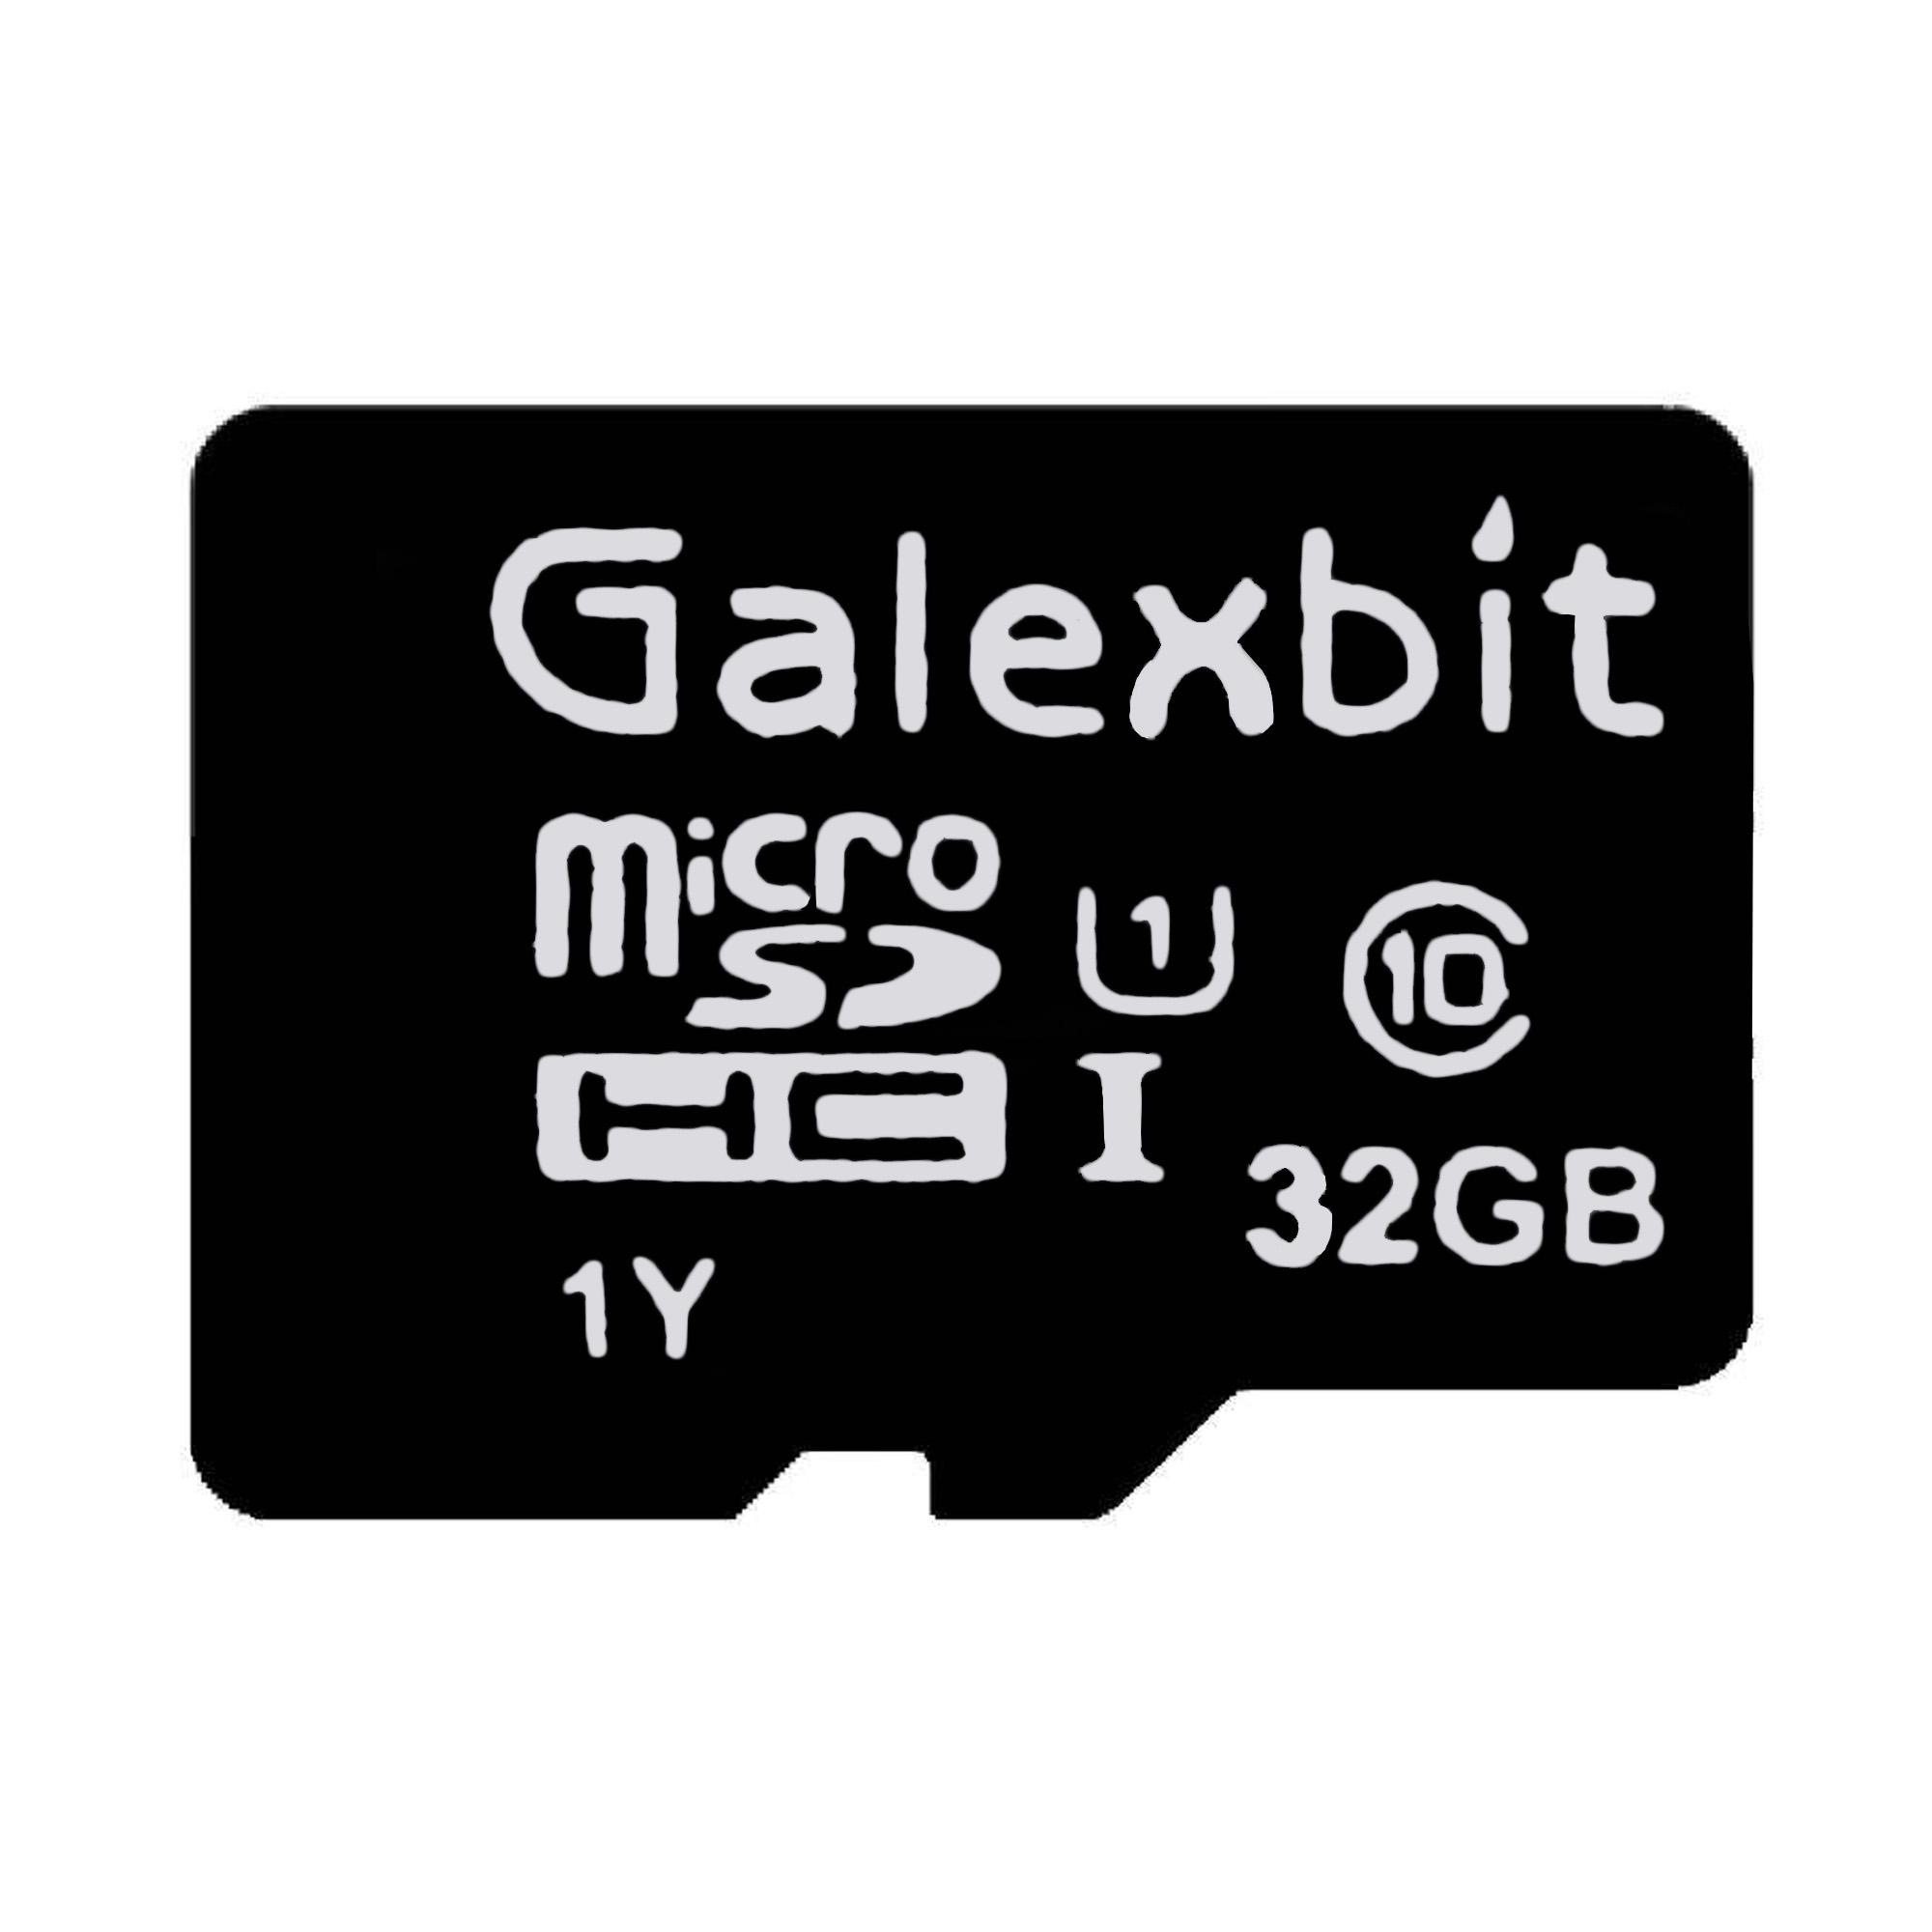 کارت حافظه microSDHC گلکسبیت مدل 333x کلاس 10 استاندارد UHS-I سرعت 50MBps ظرفیت 32 گیگابایت